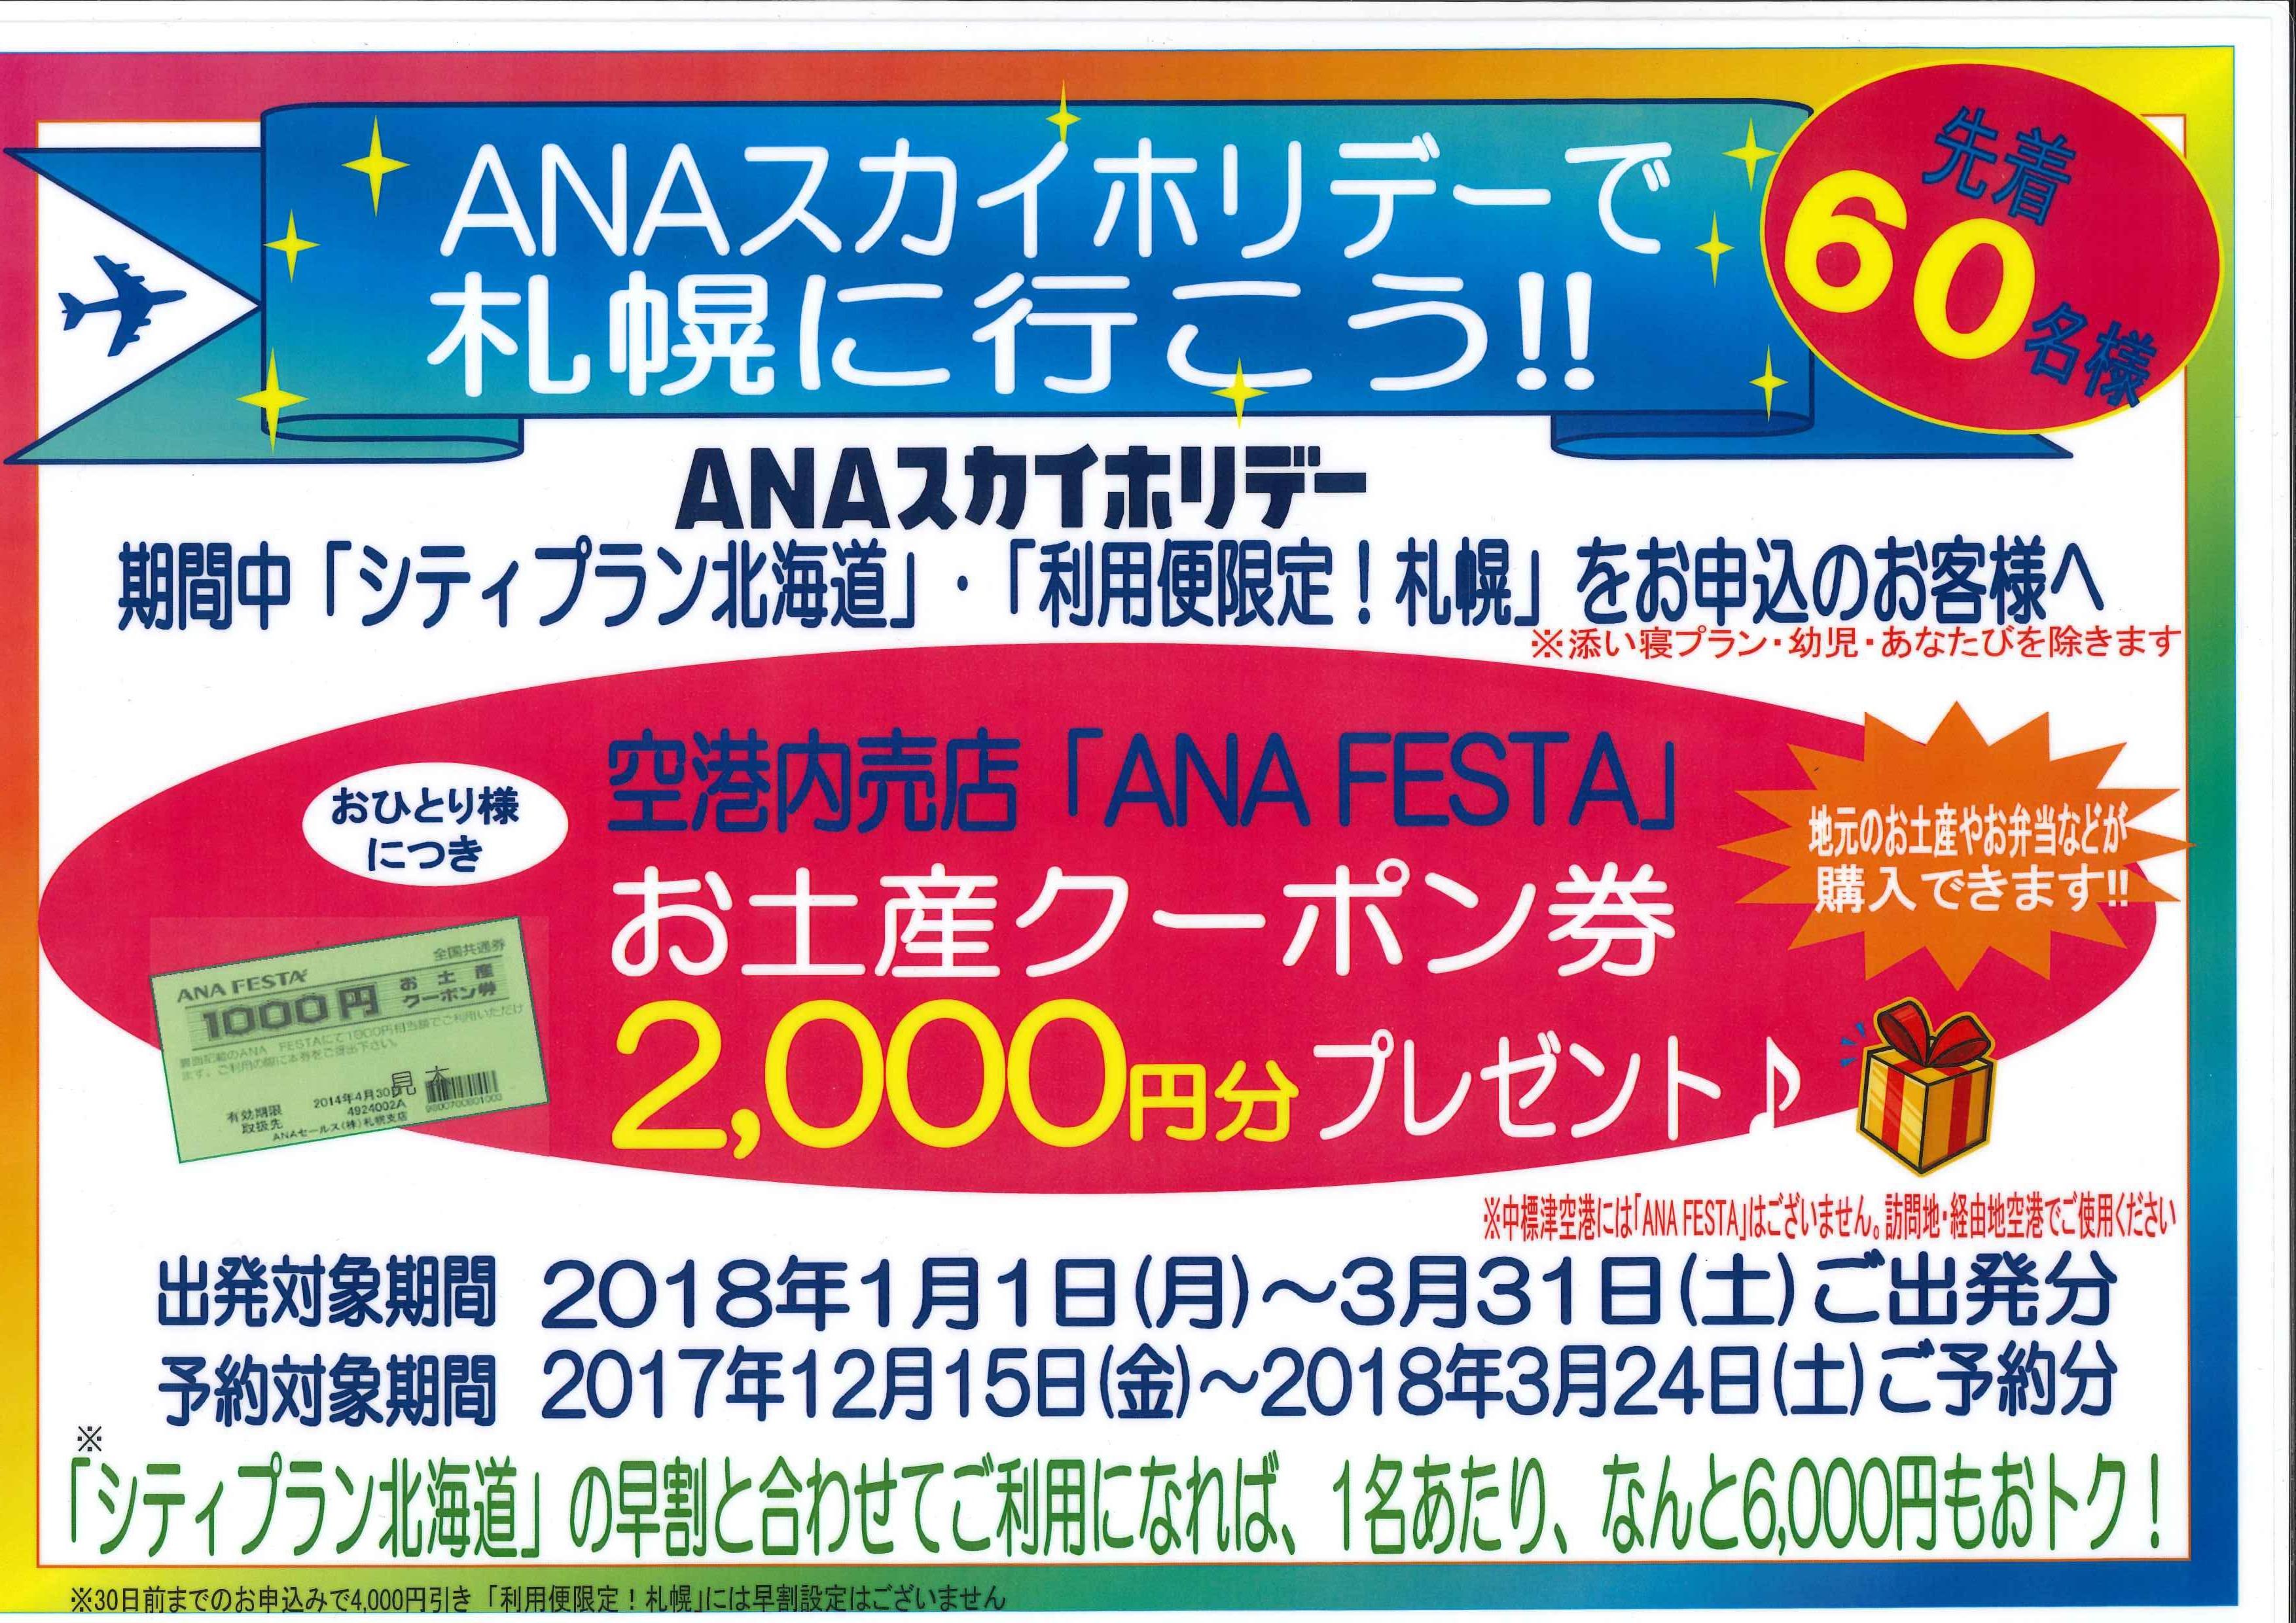 http://www.nakashibetsu-airport.jp/anafesta.jpg